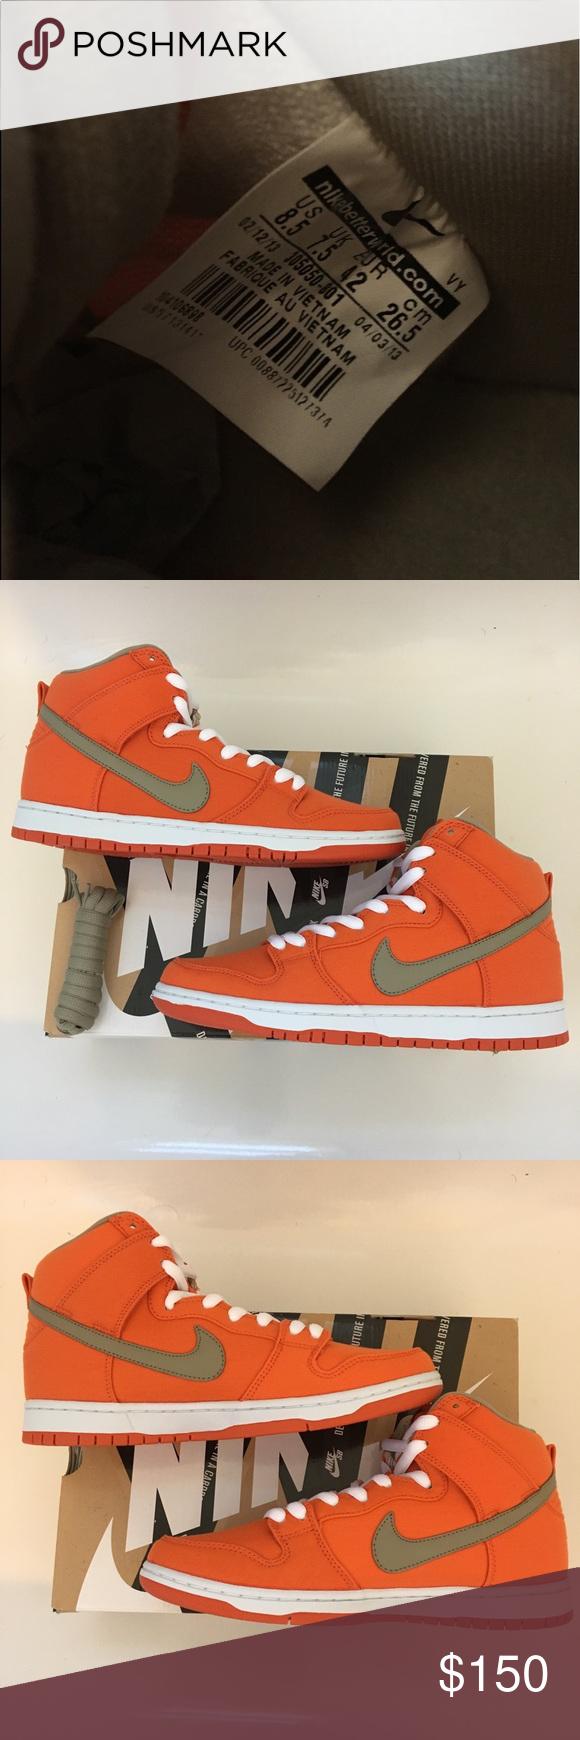 promo code 6384b d415e Nike SB Dunk High Orange/Bamboo 305050-801 RARE Nike SB Dunk High Urban